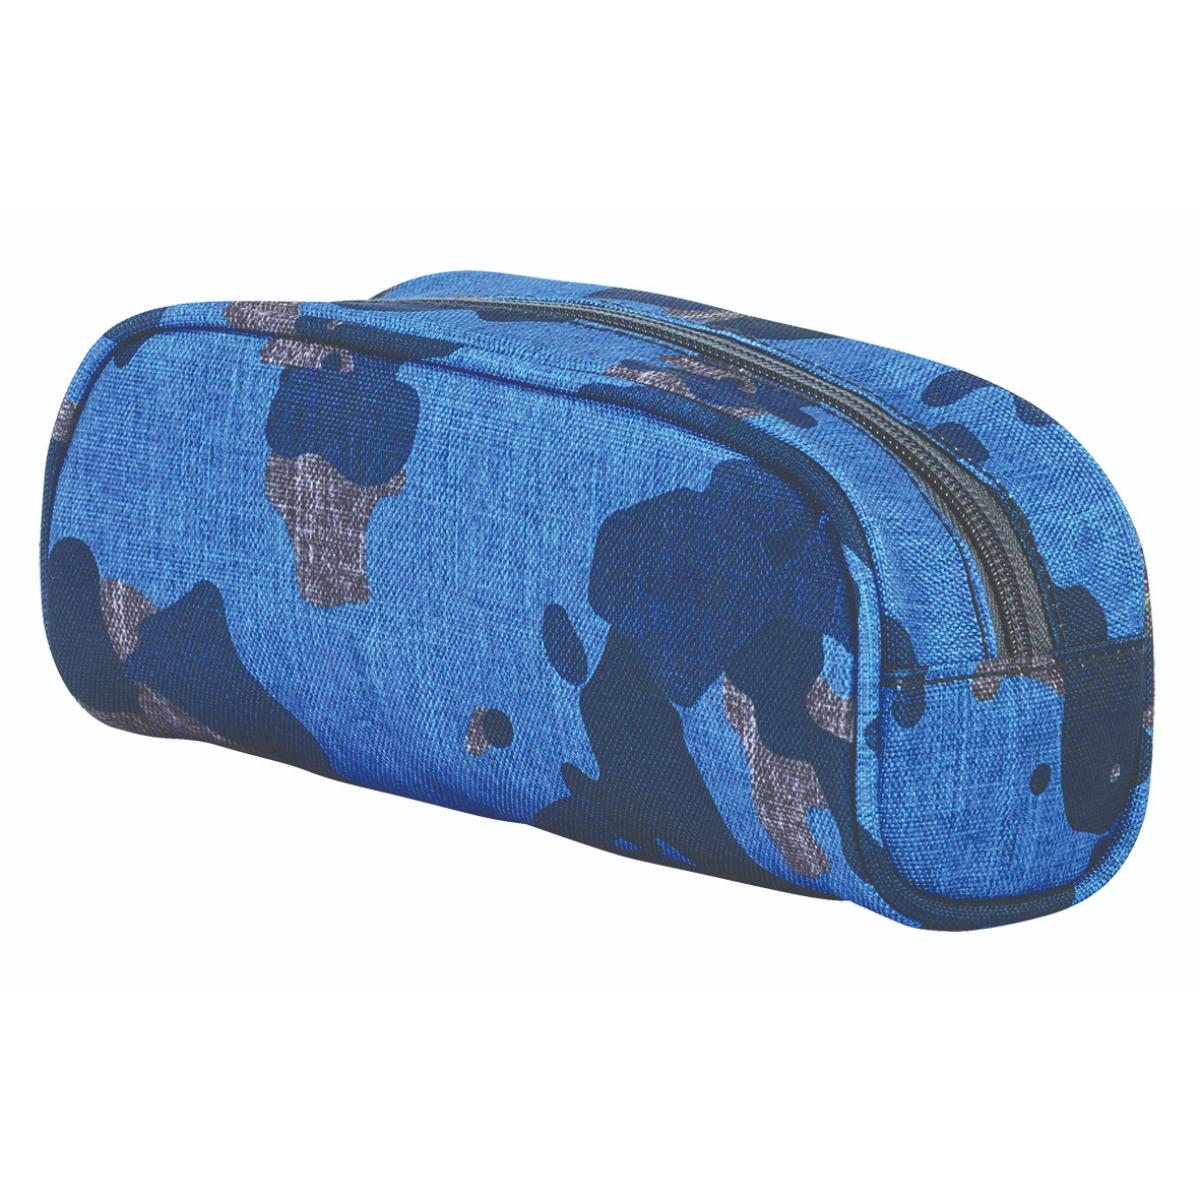  קלמר תא אחד קמופלאז' אפור כחול InWay